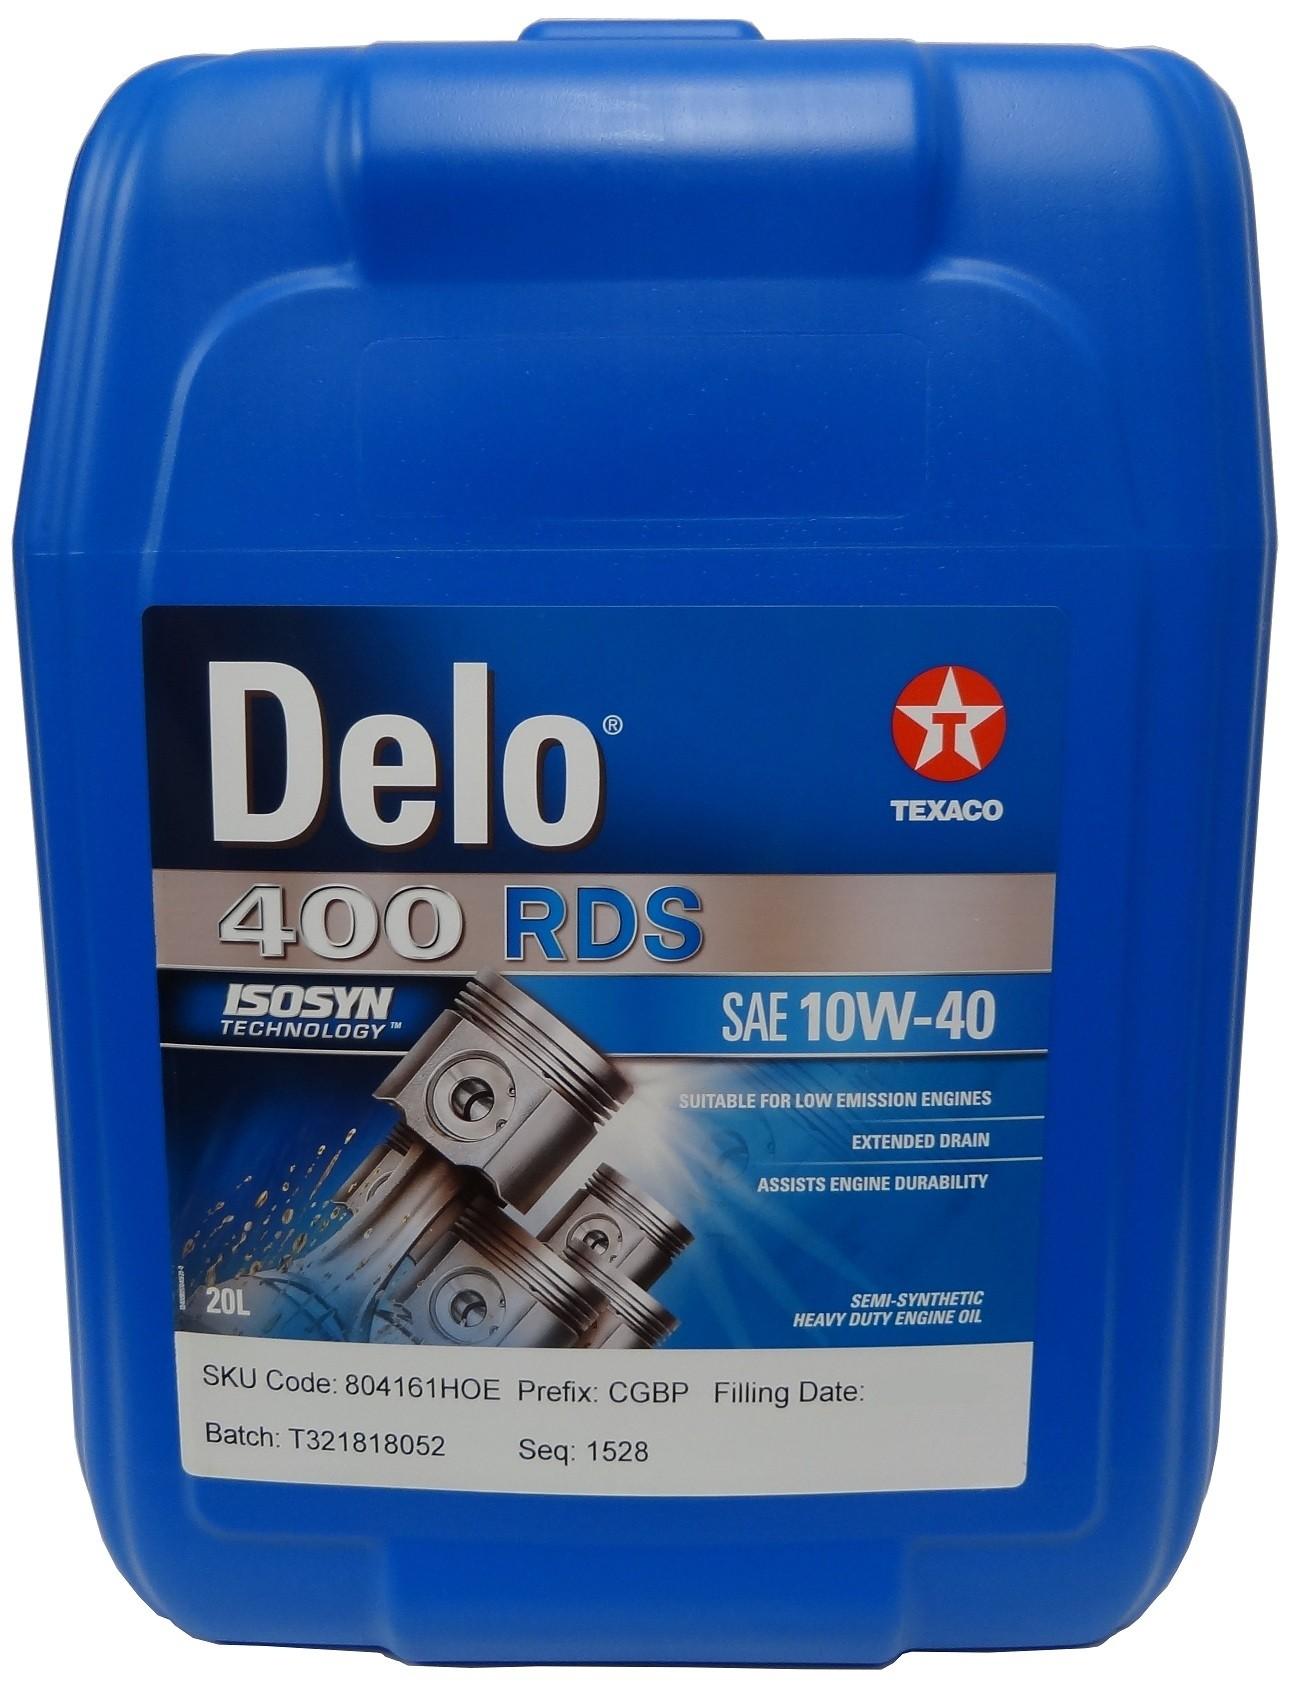 TEXACO DELO 400 RDS 10W-40 20L